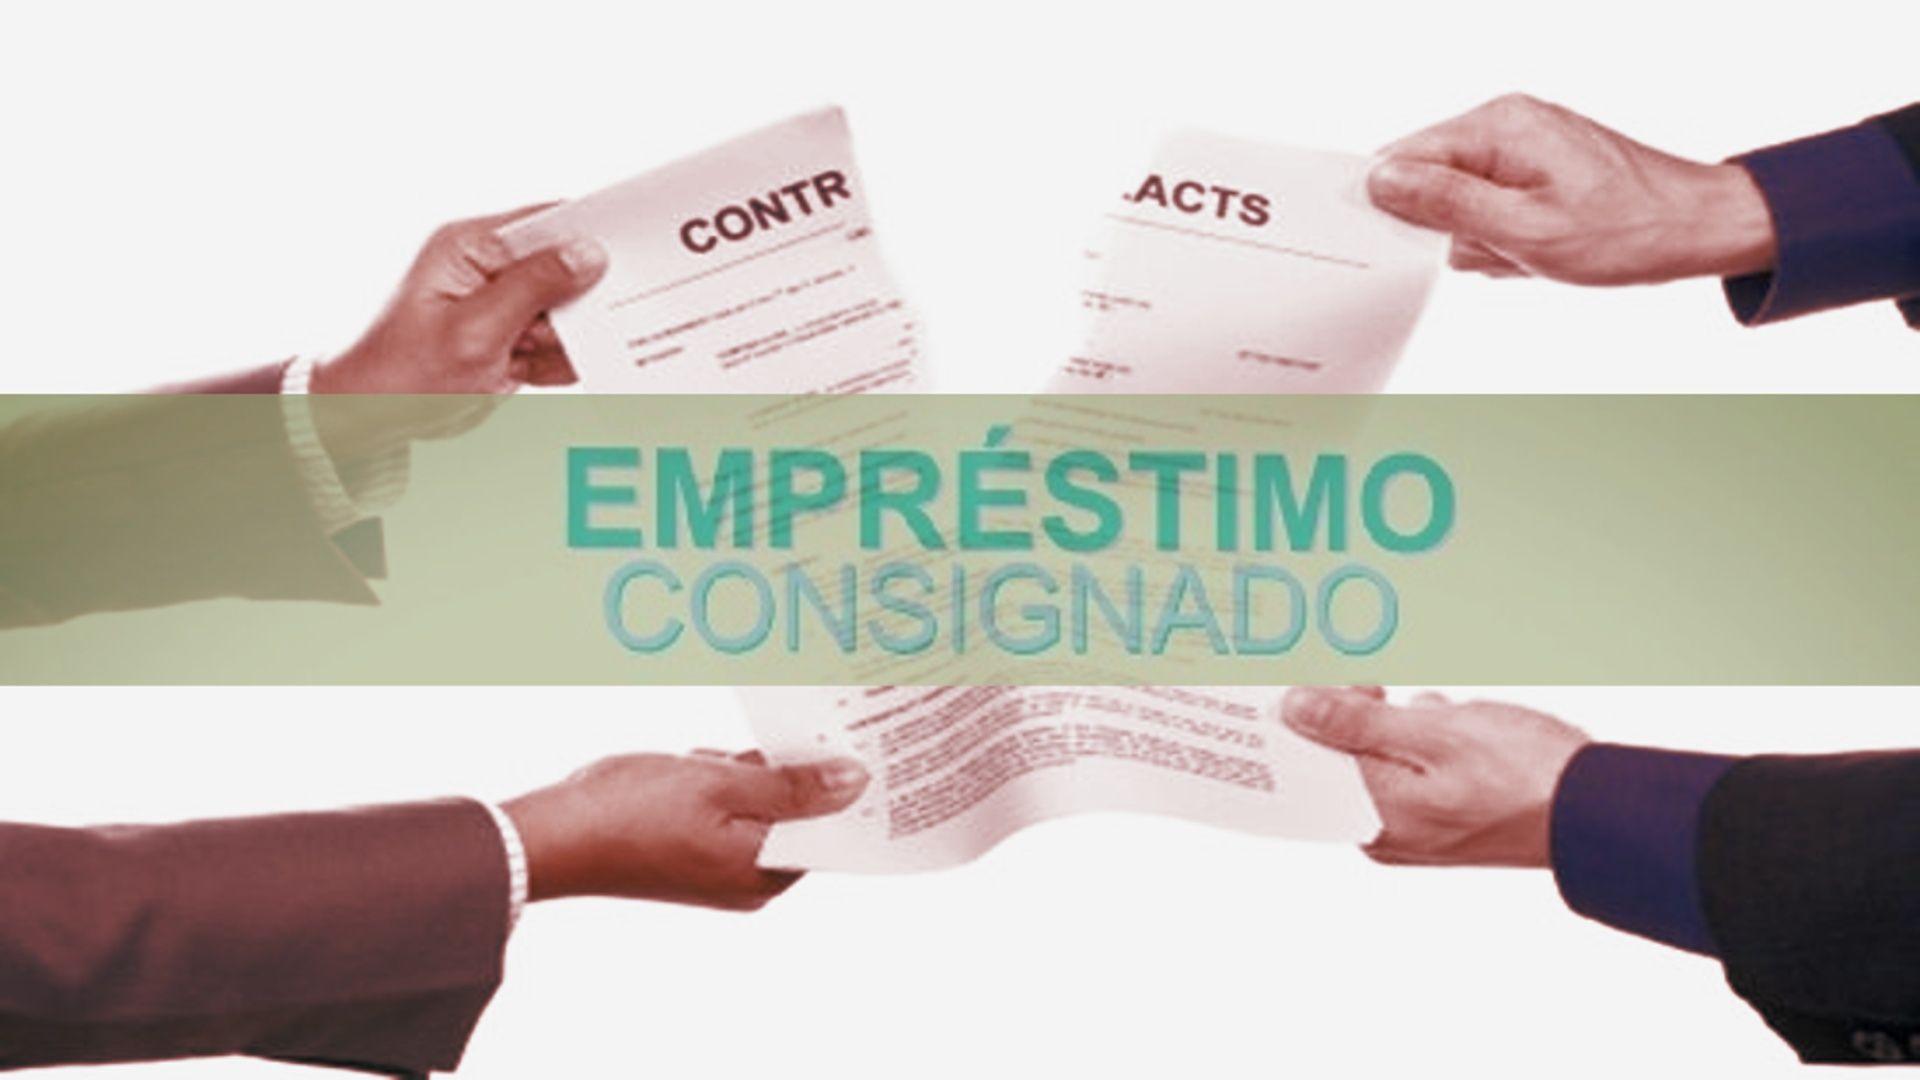 Justiça anula empréstimo contraído por meio de fraude no interior do Maranhão